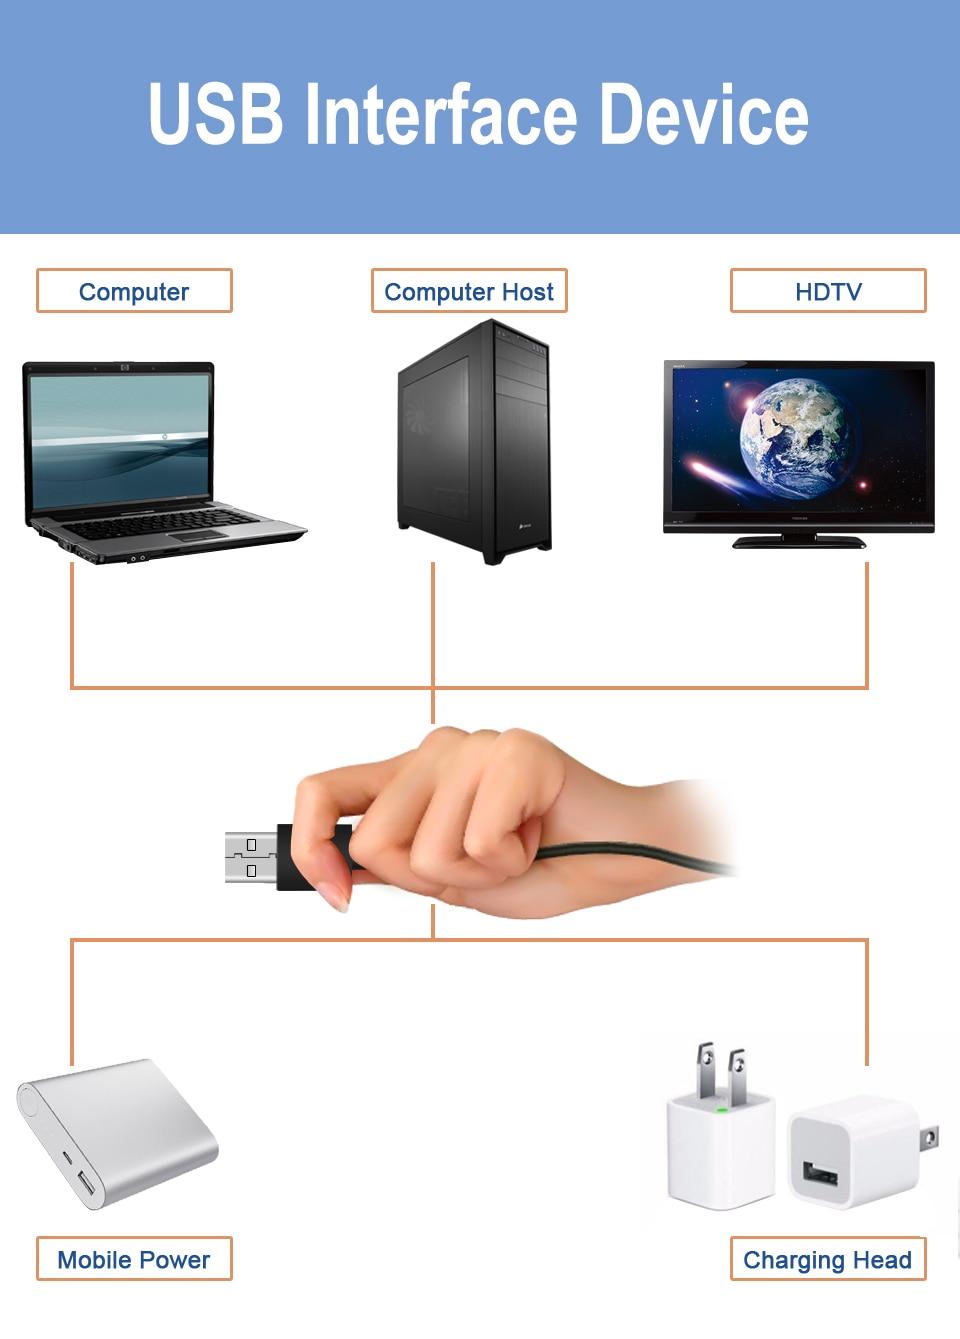 防水灯带-详情页(USB)_09